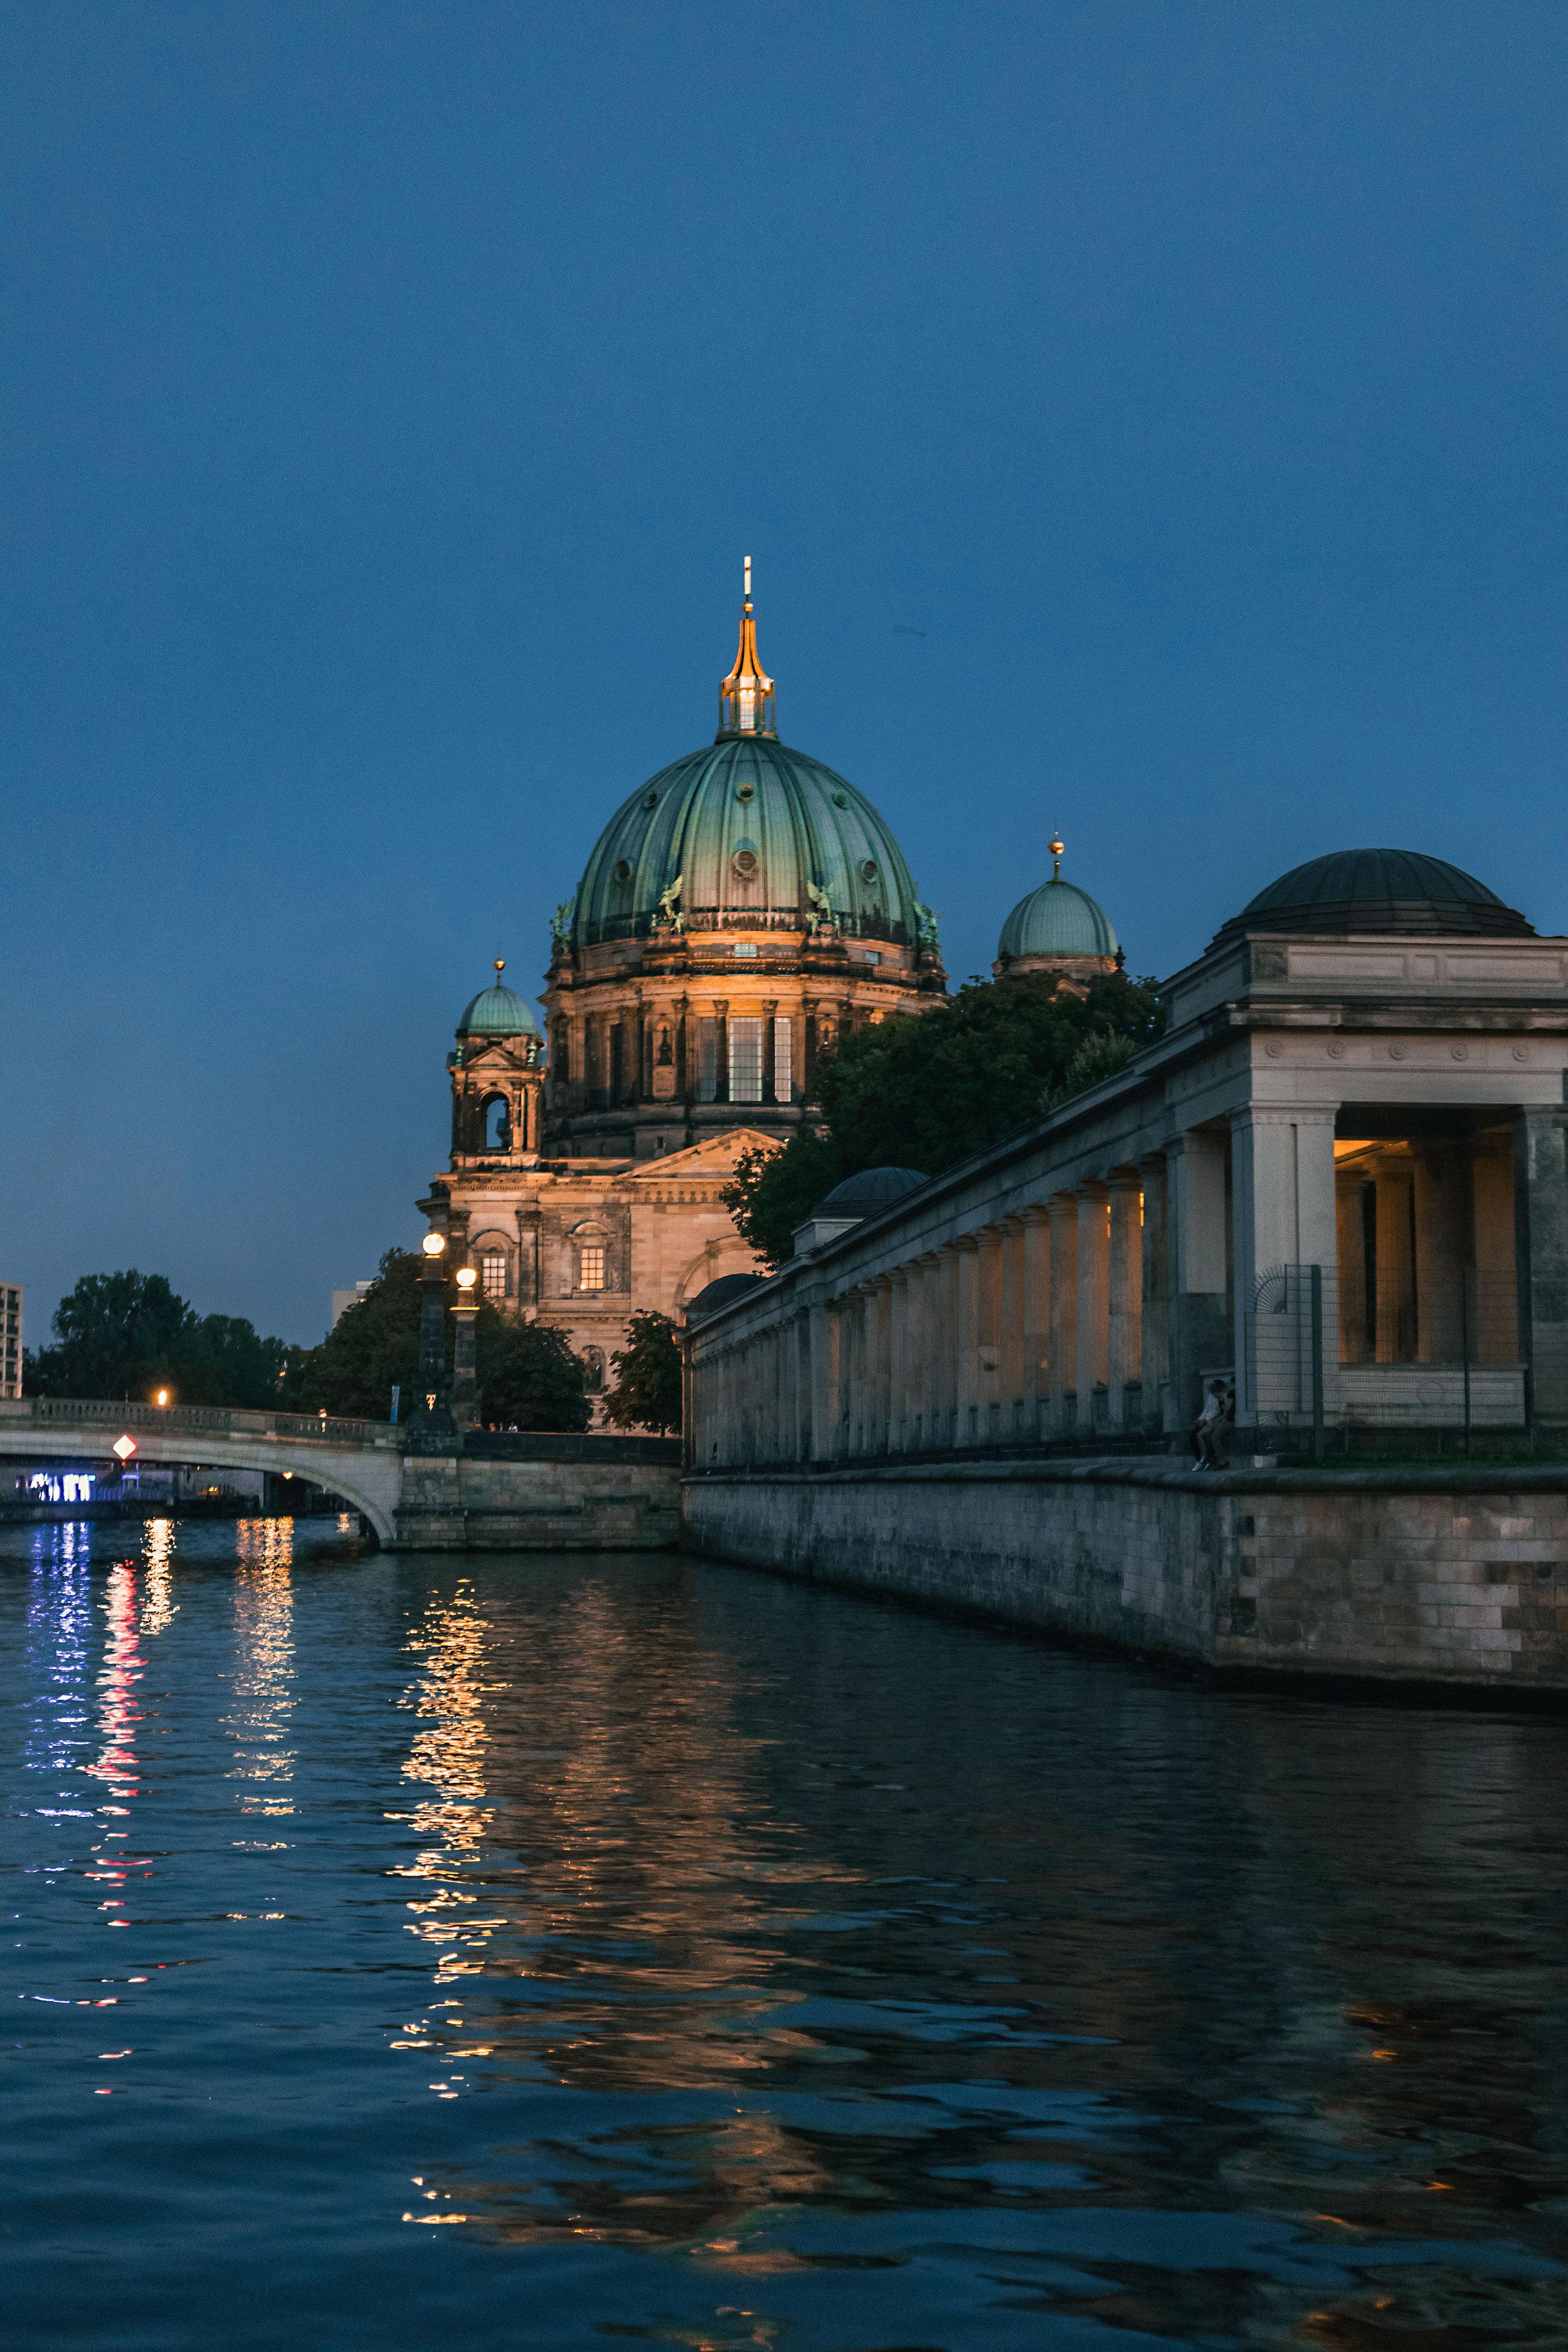 LP_BerlinCathedral.jpg